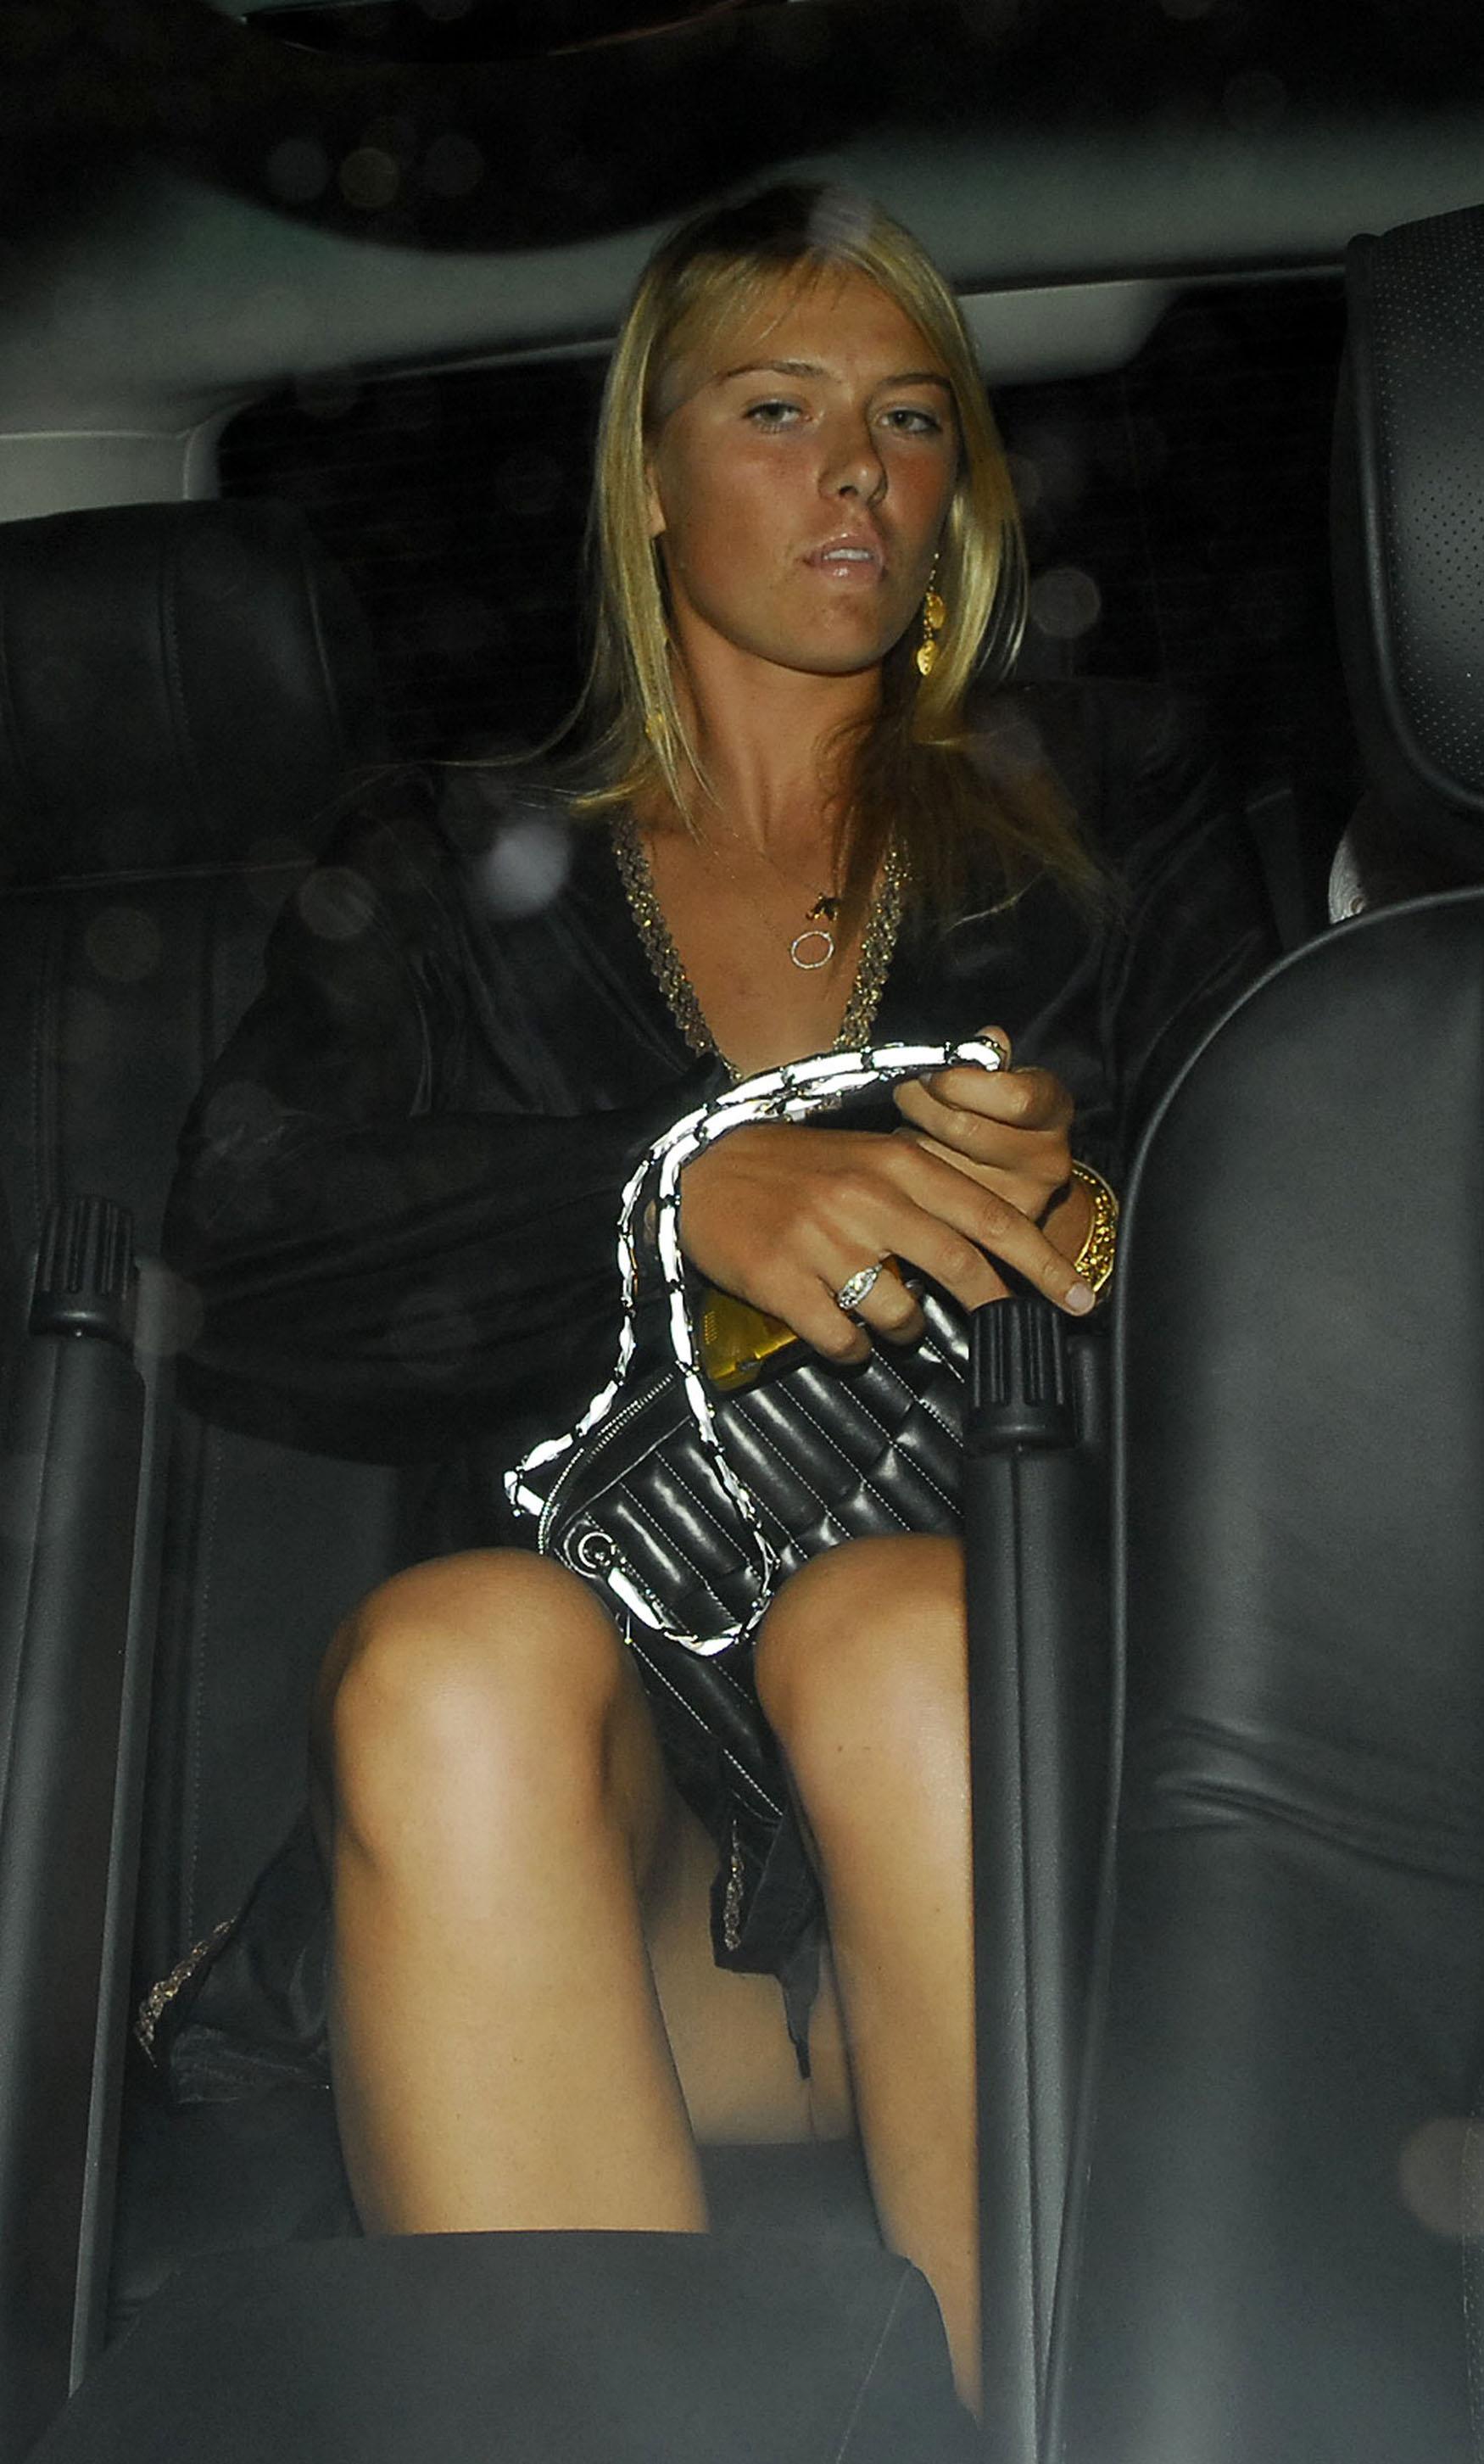 Maria pic sharapova upskirt